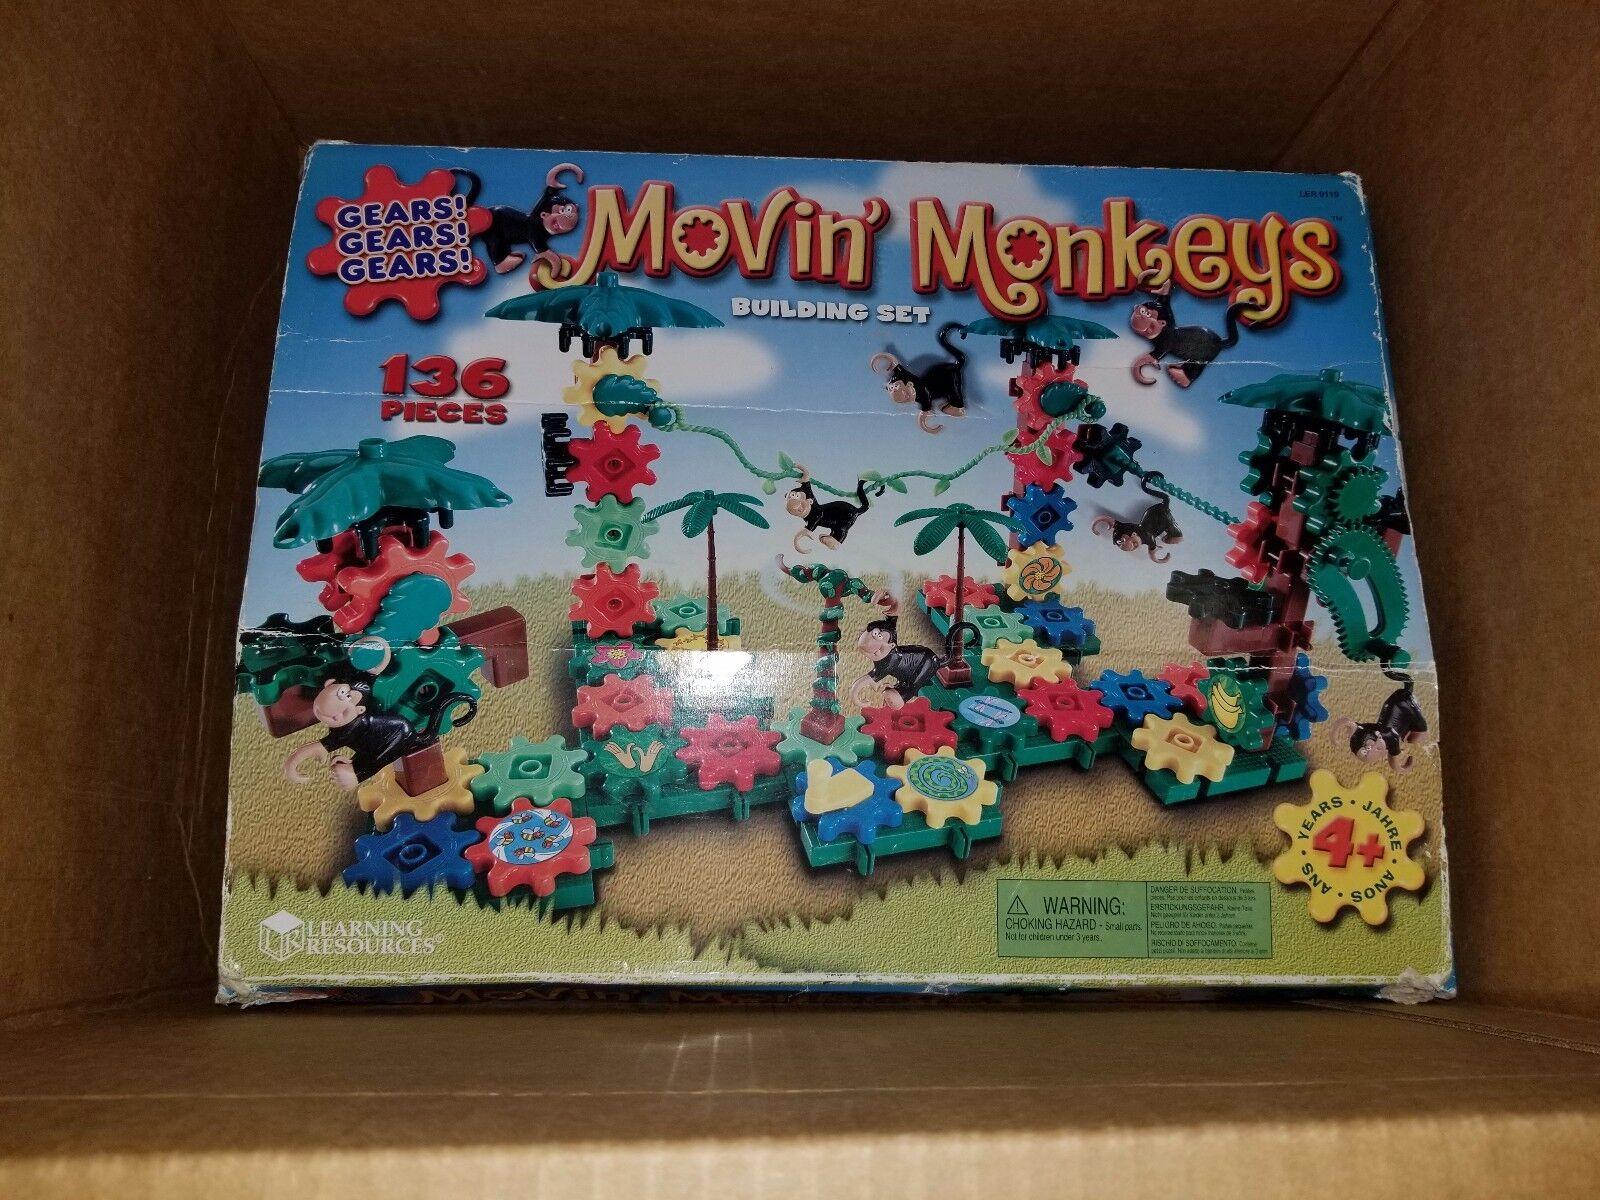 Movin' Monkeys Building Set Gears Gears Gears 236 plus pieces Complete